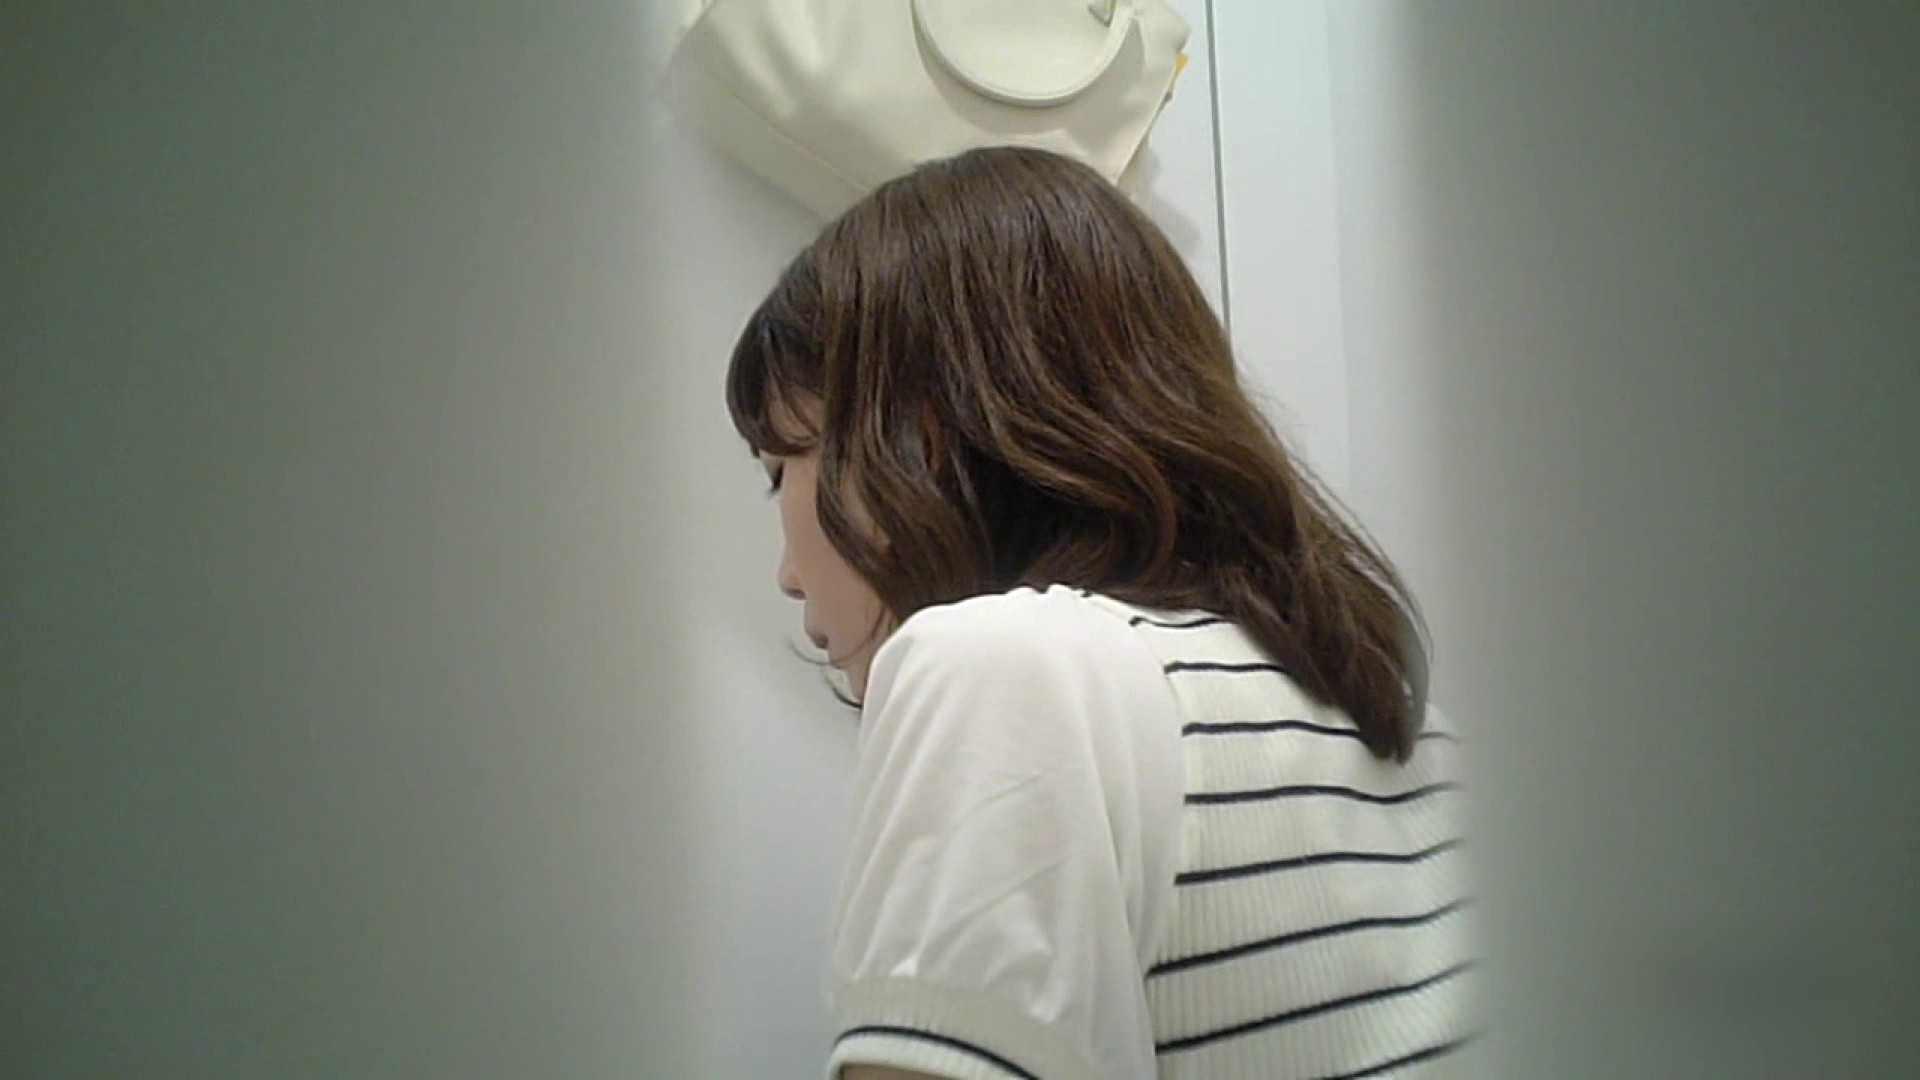 有名大学女性洗面所 vol.37 ついでにアンダーヘアーの状態確認ですね。 洗面所 オメコ動画キャプチャ 101枚 18